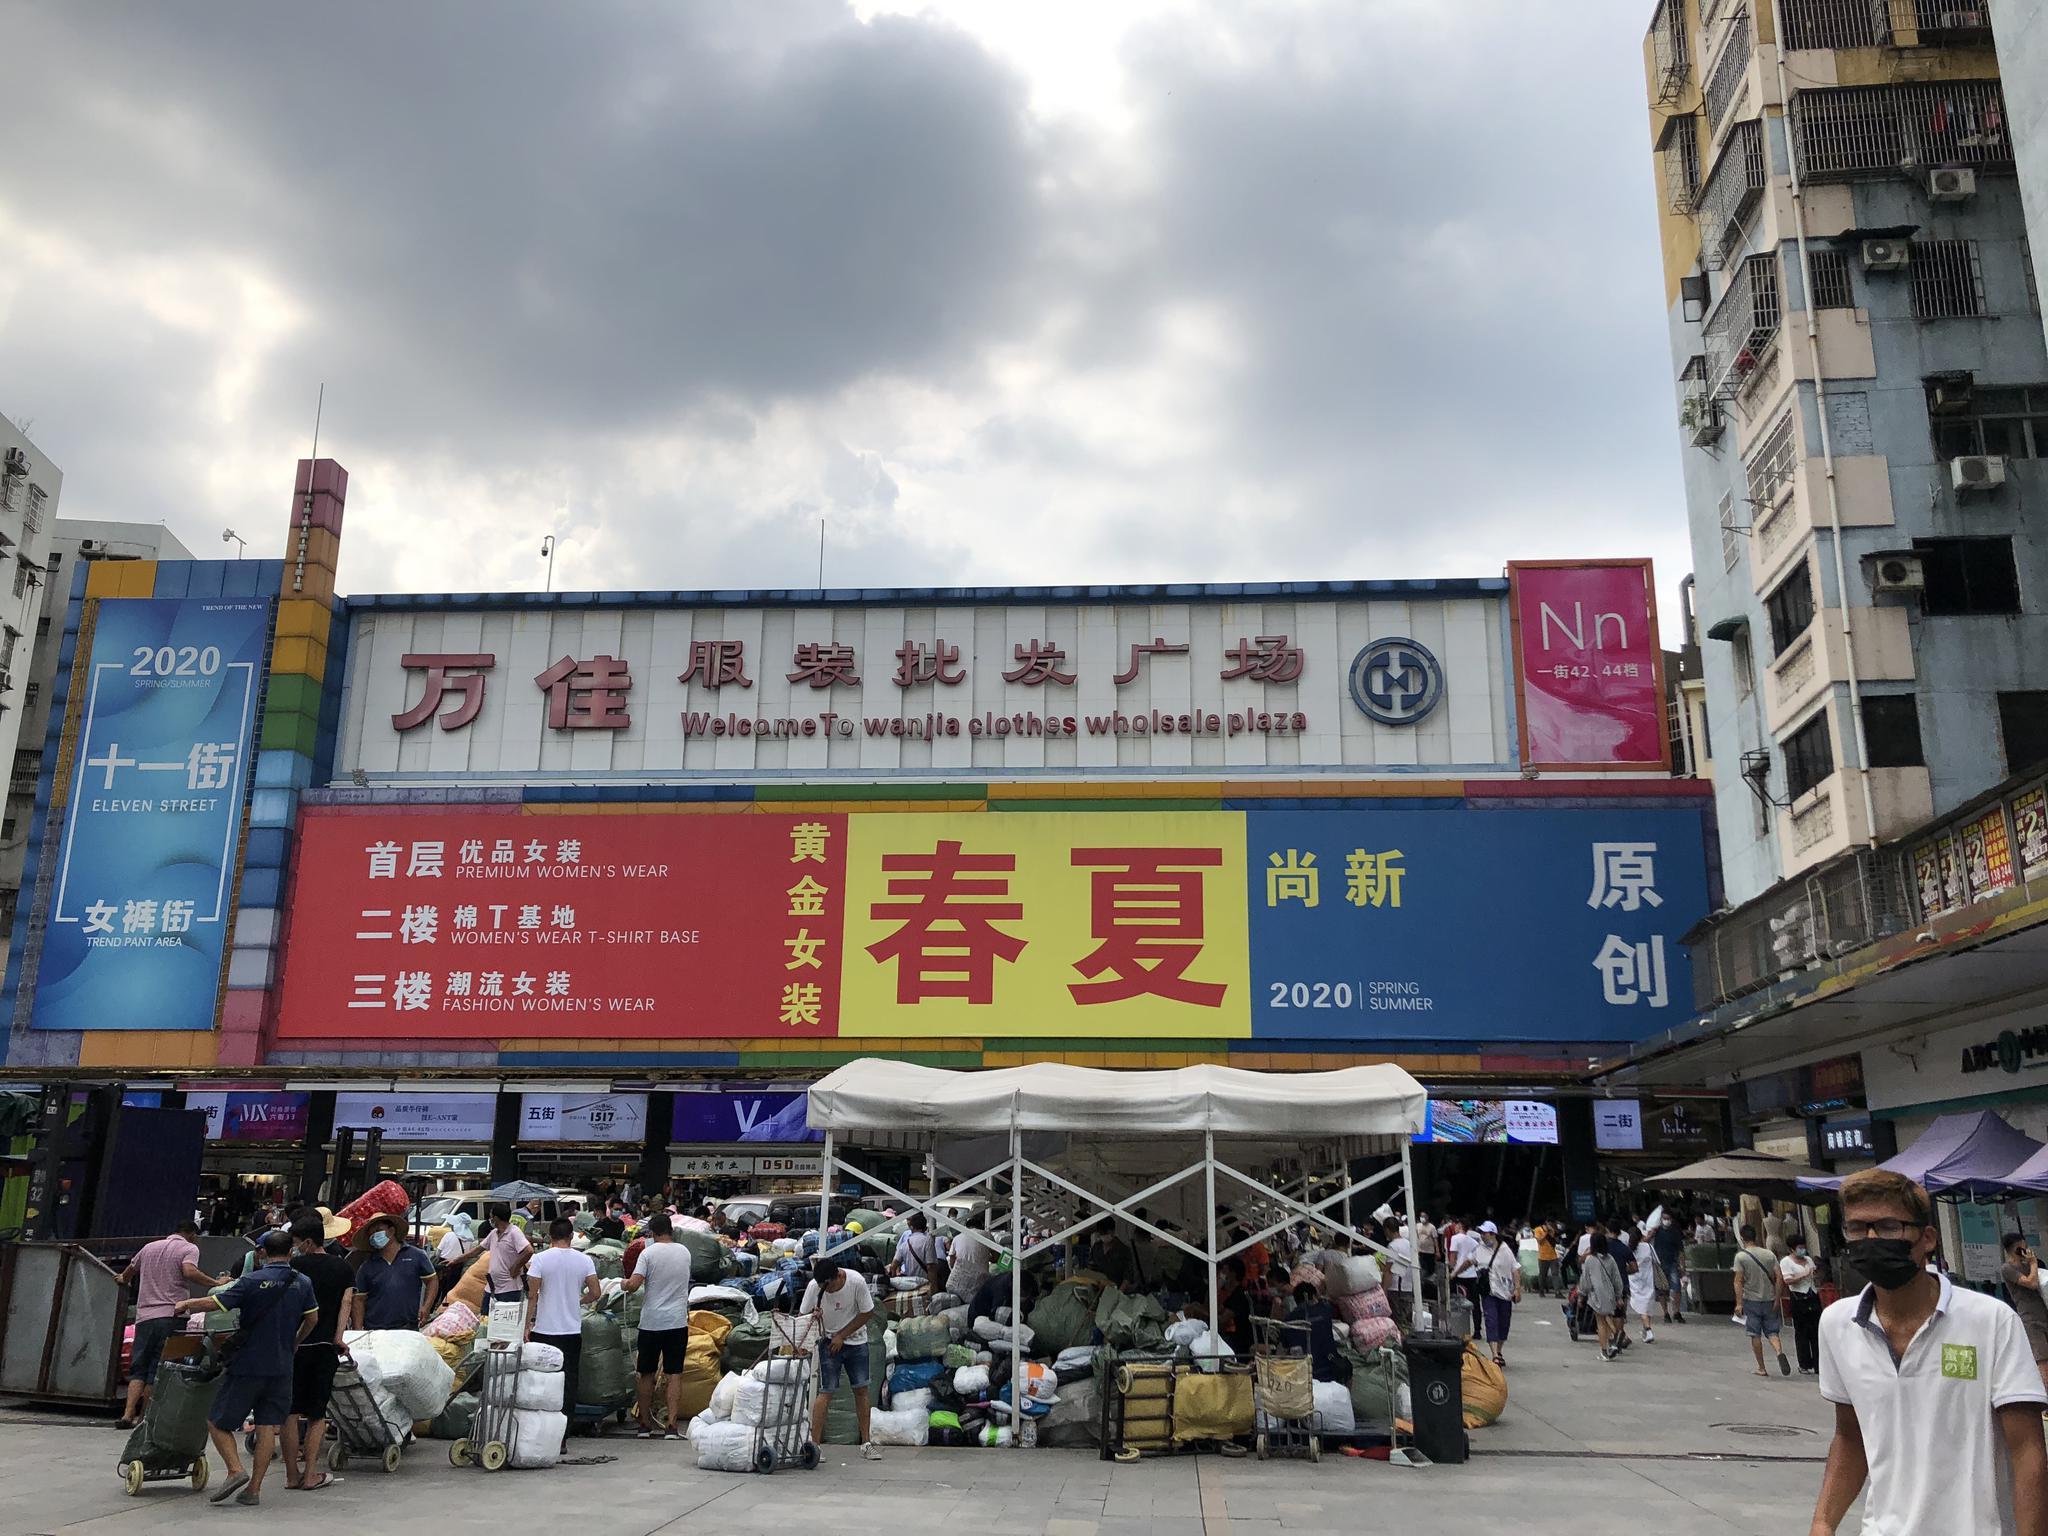 实探广州批发市场直播江湖:草根主播游走 传统商户观望